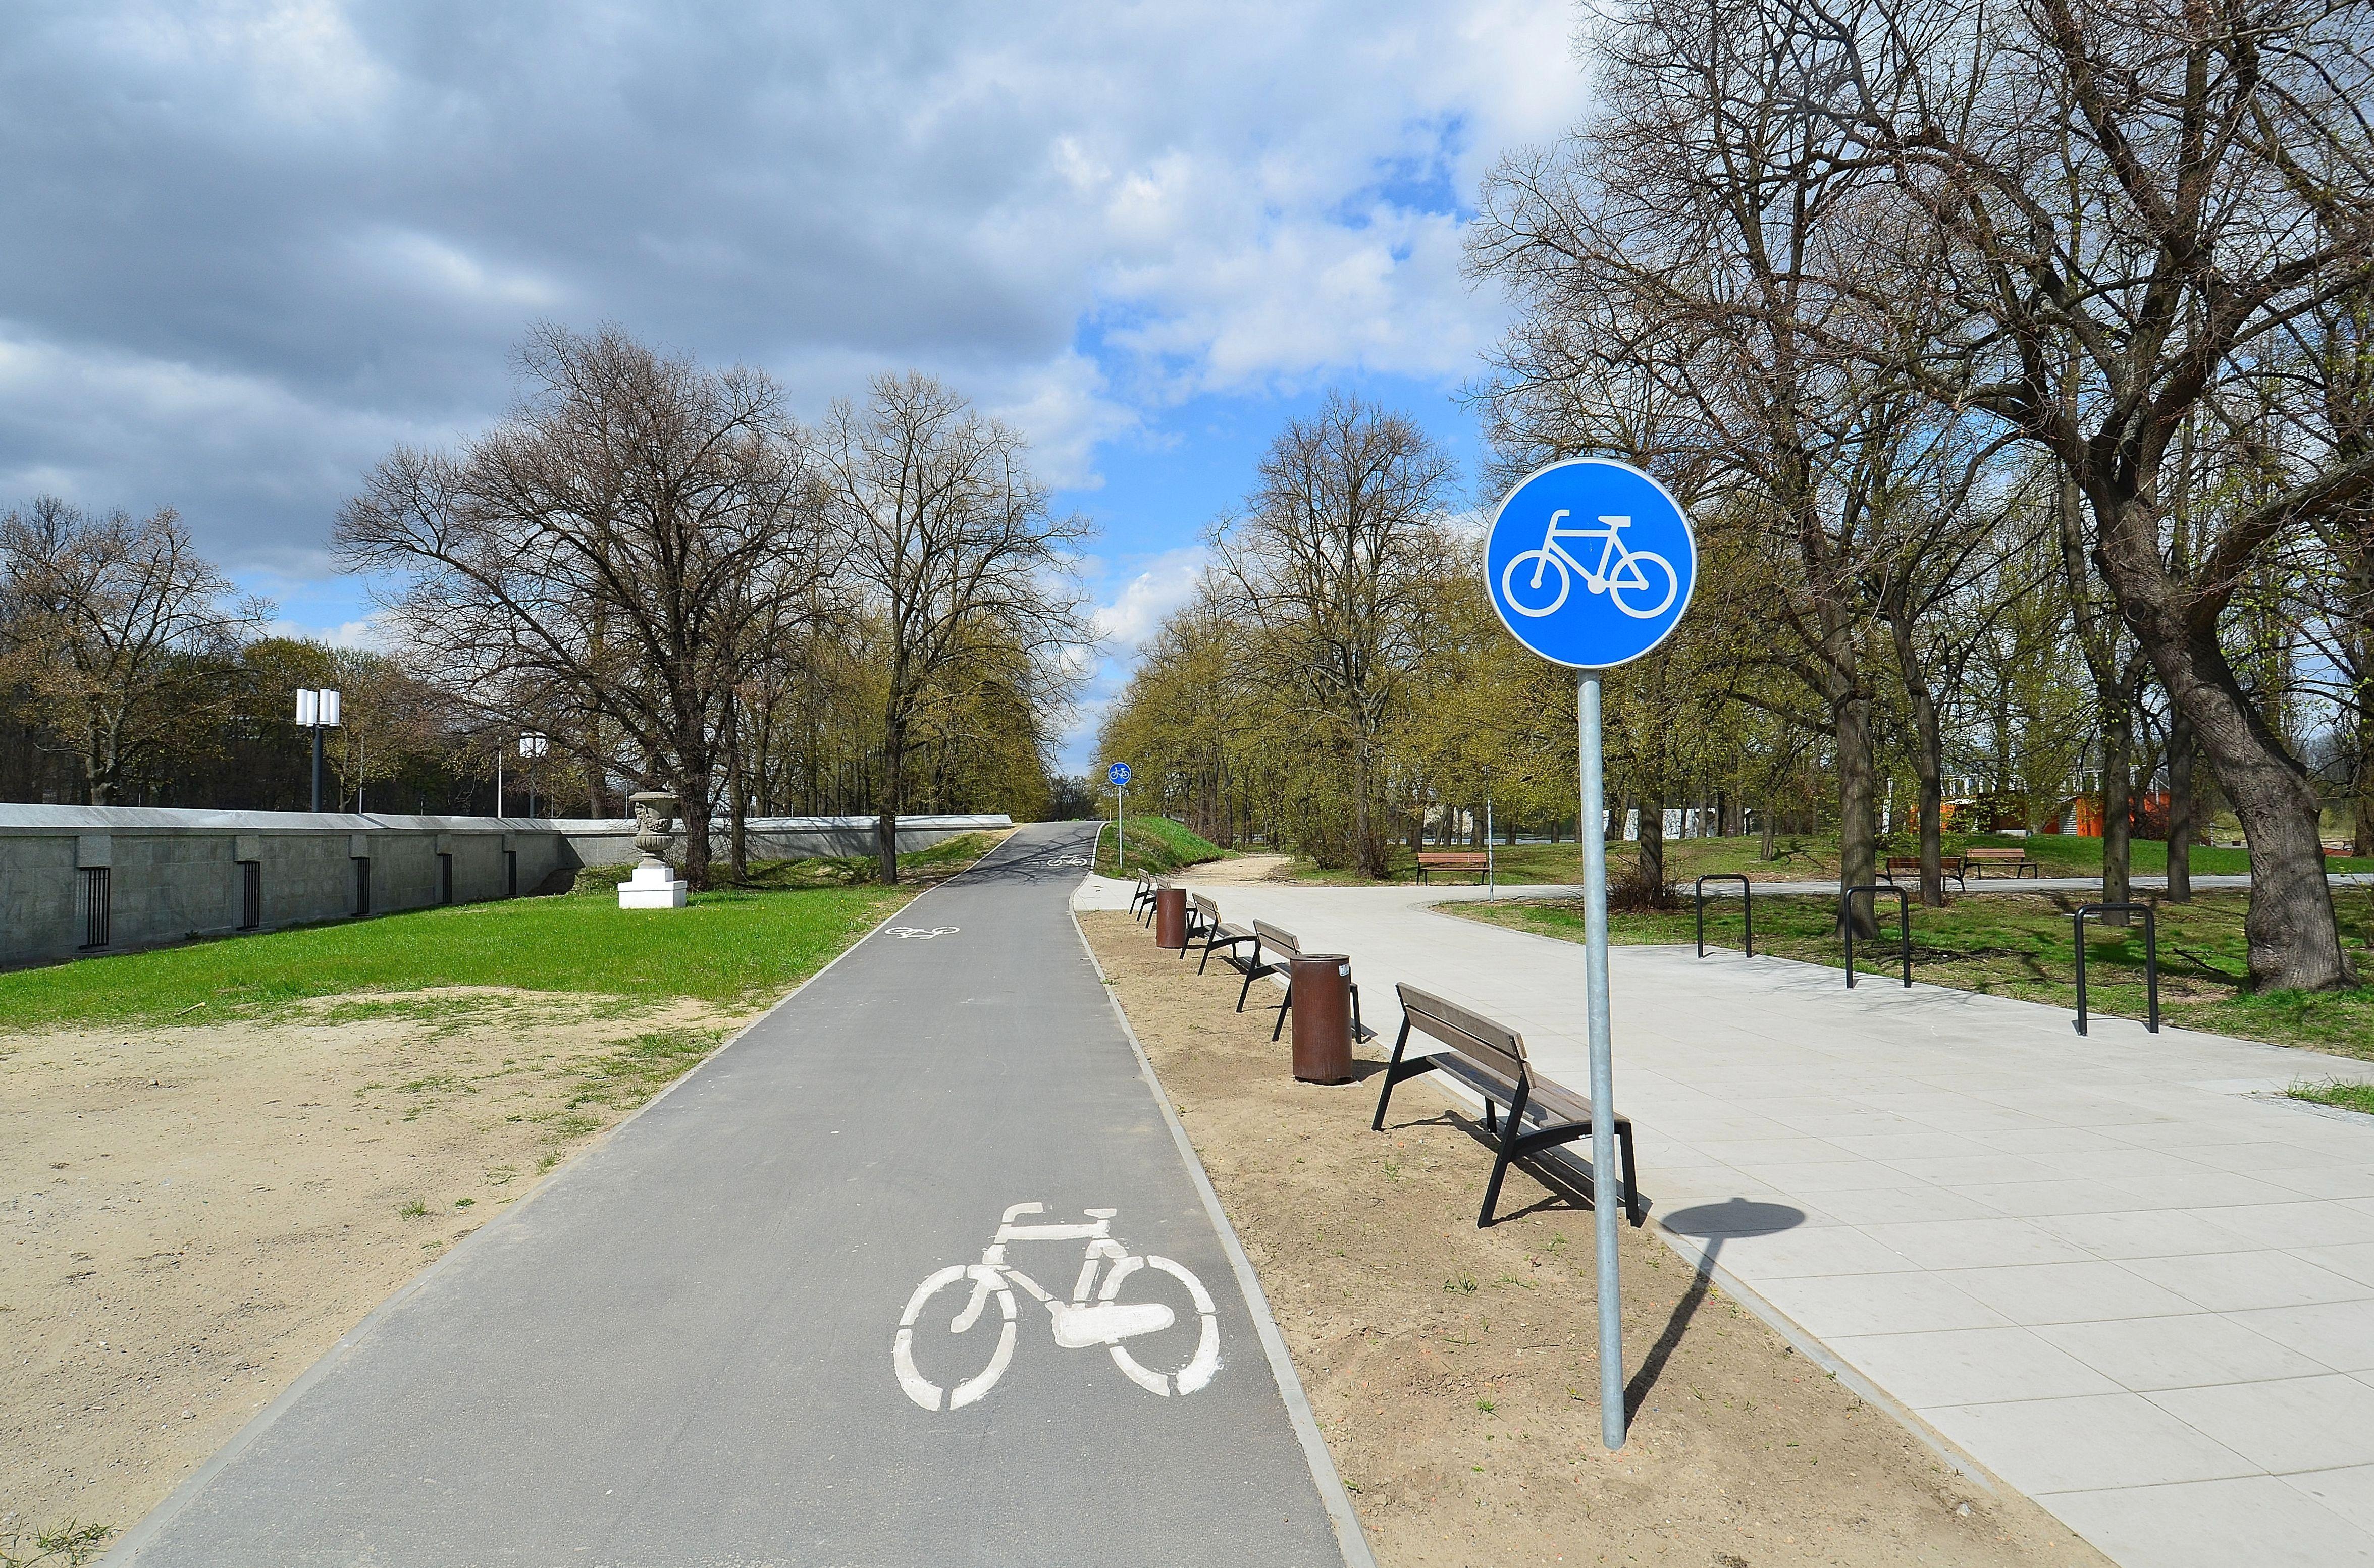 """Około 7 km nowych dróg rowerowych odda do końca roku do użytku samorząd Sosnowca. Miasto zapowiada też dużą imprezę rowerową – z zachowaniem zasad bezpieczeństwa epidemicznego, a także wydanie poradnika rowerowego. Swoje plany mają też władze Tychów. O szczegółach inwestycji rowerowych i innych przedsięwzięć związanych z tym środkiem transportu sosnowieccy samorządowcy mówili podczas poniedziałkowej konferencji prasowej. Jak przypomniał prezydent miasta Arkadiusz Chęciński, ostatnio trwają inwestycje m.in. w centrum miasta, np. od kilku tygodni trwa budowa drogi rowerowej wzdłuż ul. Teatralnej oraz Mierosławskiego. - Jesteśmy na kolejnym etapie spinania dróg rowerowych w naszym mieście. W tej chwili kończymy dwie drogi rowerowe: jedna, przy ul. Kościelnej, to ważny fragment, który zepnie drogę rowerową prowadzącą od osiedla Naftowa, przez kładkę, z centrum Sosnowca i Parkiem Harcerskim – wskazał Chęciński. – W tej chwili przy ul. Kościelnej kończą się dwie drogi rowerowe – wzdłuż ul. Jagiellońskiej oraz ul. Zegadłowicza. Pierwsza prowadzi do Parku Harcerskiego, z którego już wkrótce będzie można przejechać wzdłuż Bulwaru Czarnej Przemszy do centrum miasta. Druga połączy ul. Kościelną przez Zegadłowicza z ulicą Ostrogórską i dalej z 1 Maja"""" – uściślił. Zgodnie z informacjami miasta nowa droga rowerowa wzdłuż ul. Kościelnej zostanie poprowadzona po przeciwnej stronie dawnego Instytutu Medycyny Pracy. Za skrzyżowaniem z ul. Zegadłowicza będzie przebiegała po stronie Mediateki i dalej obok szkoły - do skrzyżowania z ul. Sienkiewicza, gdzie na potrzeby rowerzystów zostanie przebudowana sygnalizacja świetlna. Wzdłuż ul. Sienkiewicza w najbliższych miesiącach powstać ma kolejna droga rowerowa, która połączy się z przejściem podziemnym przy pawilonach, noszących potoczną nazwę """"Plastry miodu"""". - Oprócz odcinka wzdłuż ul. Kościelnej za kilka tygodni będzie też gotowa 4-kilometrowa droga rowerowa wzdłuż ul. Braci Mieroszewskich i 11 Listopada, czyli od Dąbrowy Górniczej do dz"""